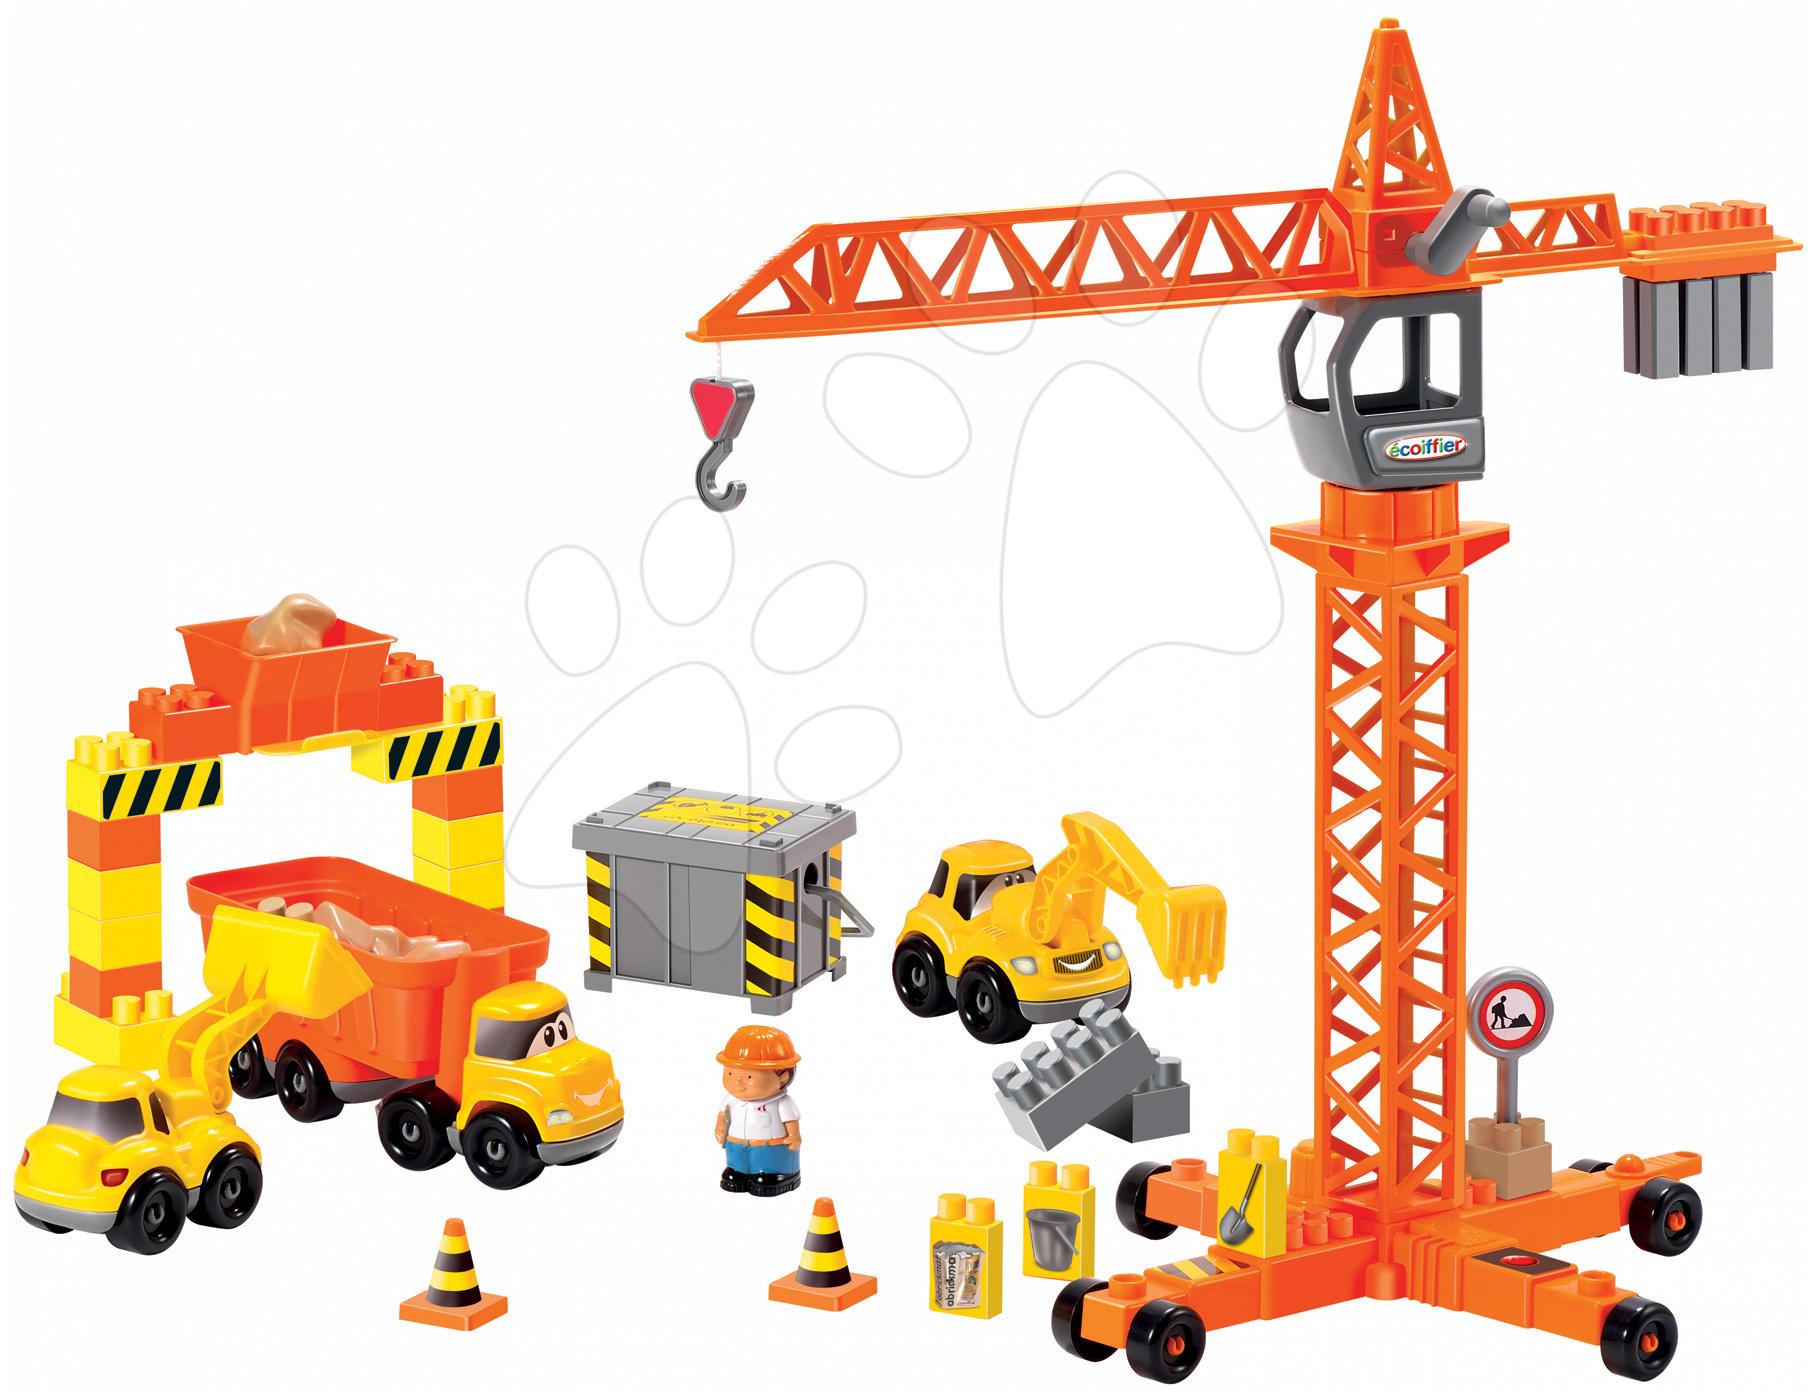 Stavebnice Stavbaři na stavbě Abrick Écoiffier s jeřábem a 3 pracovními stroji